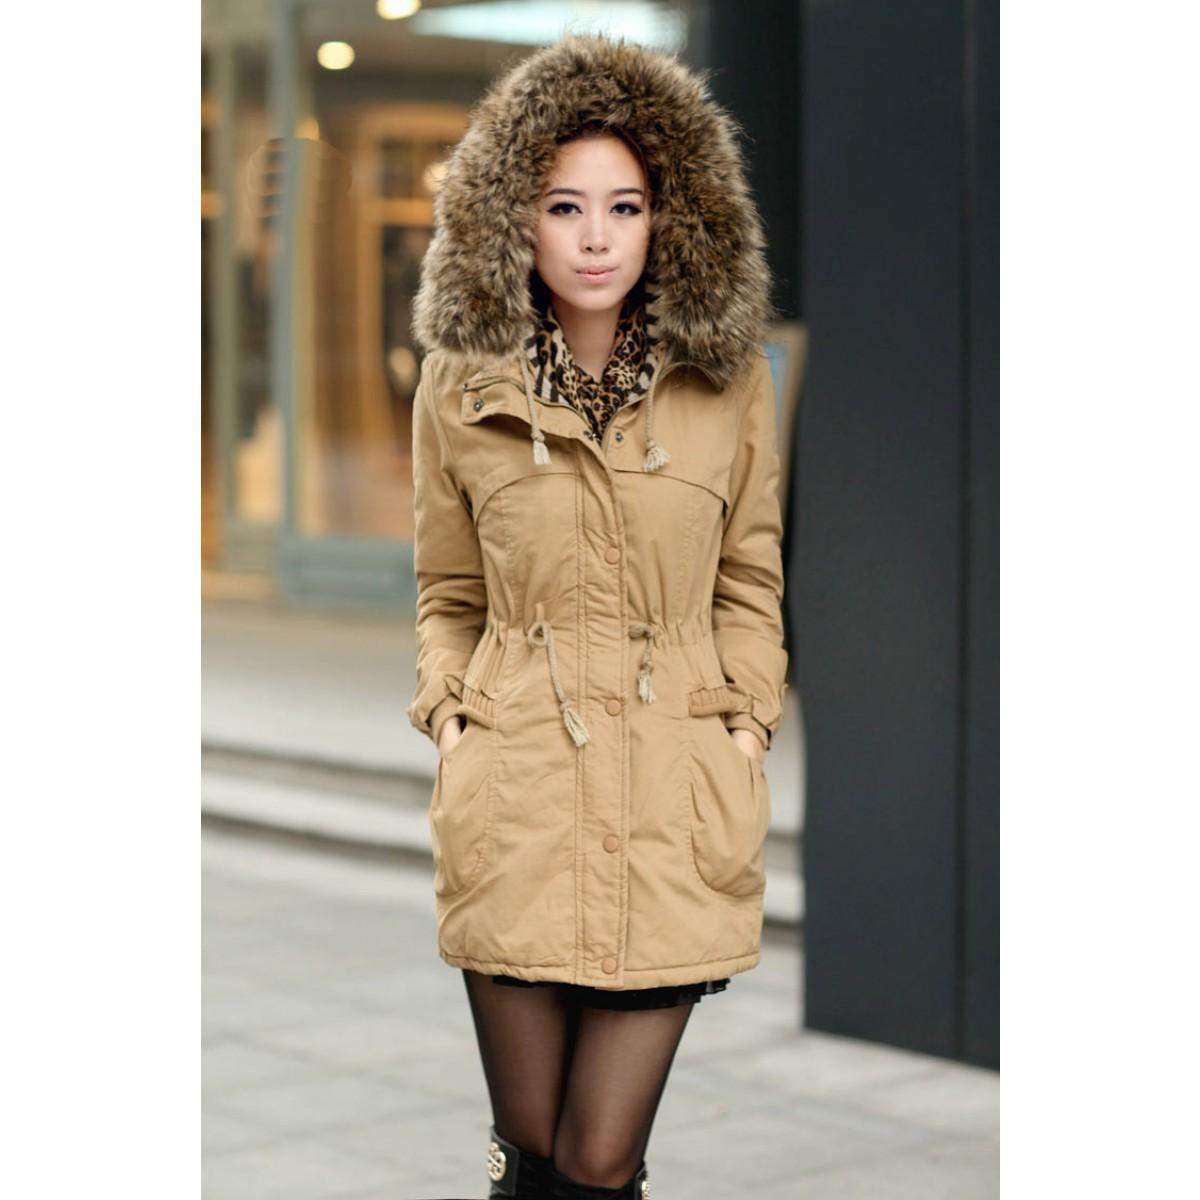 manteaux capuche femme